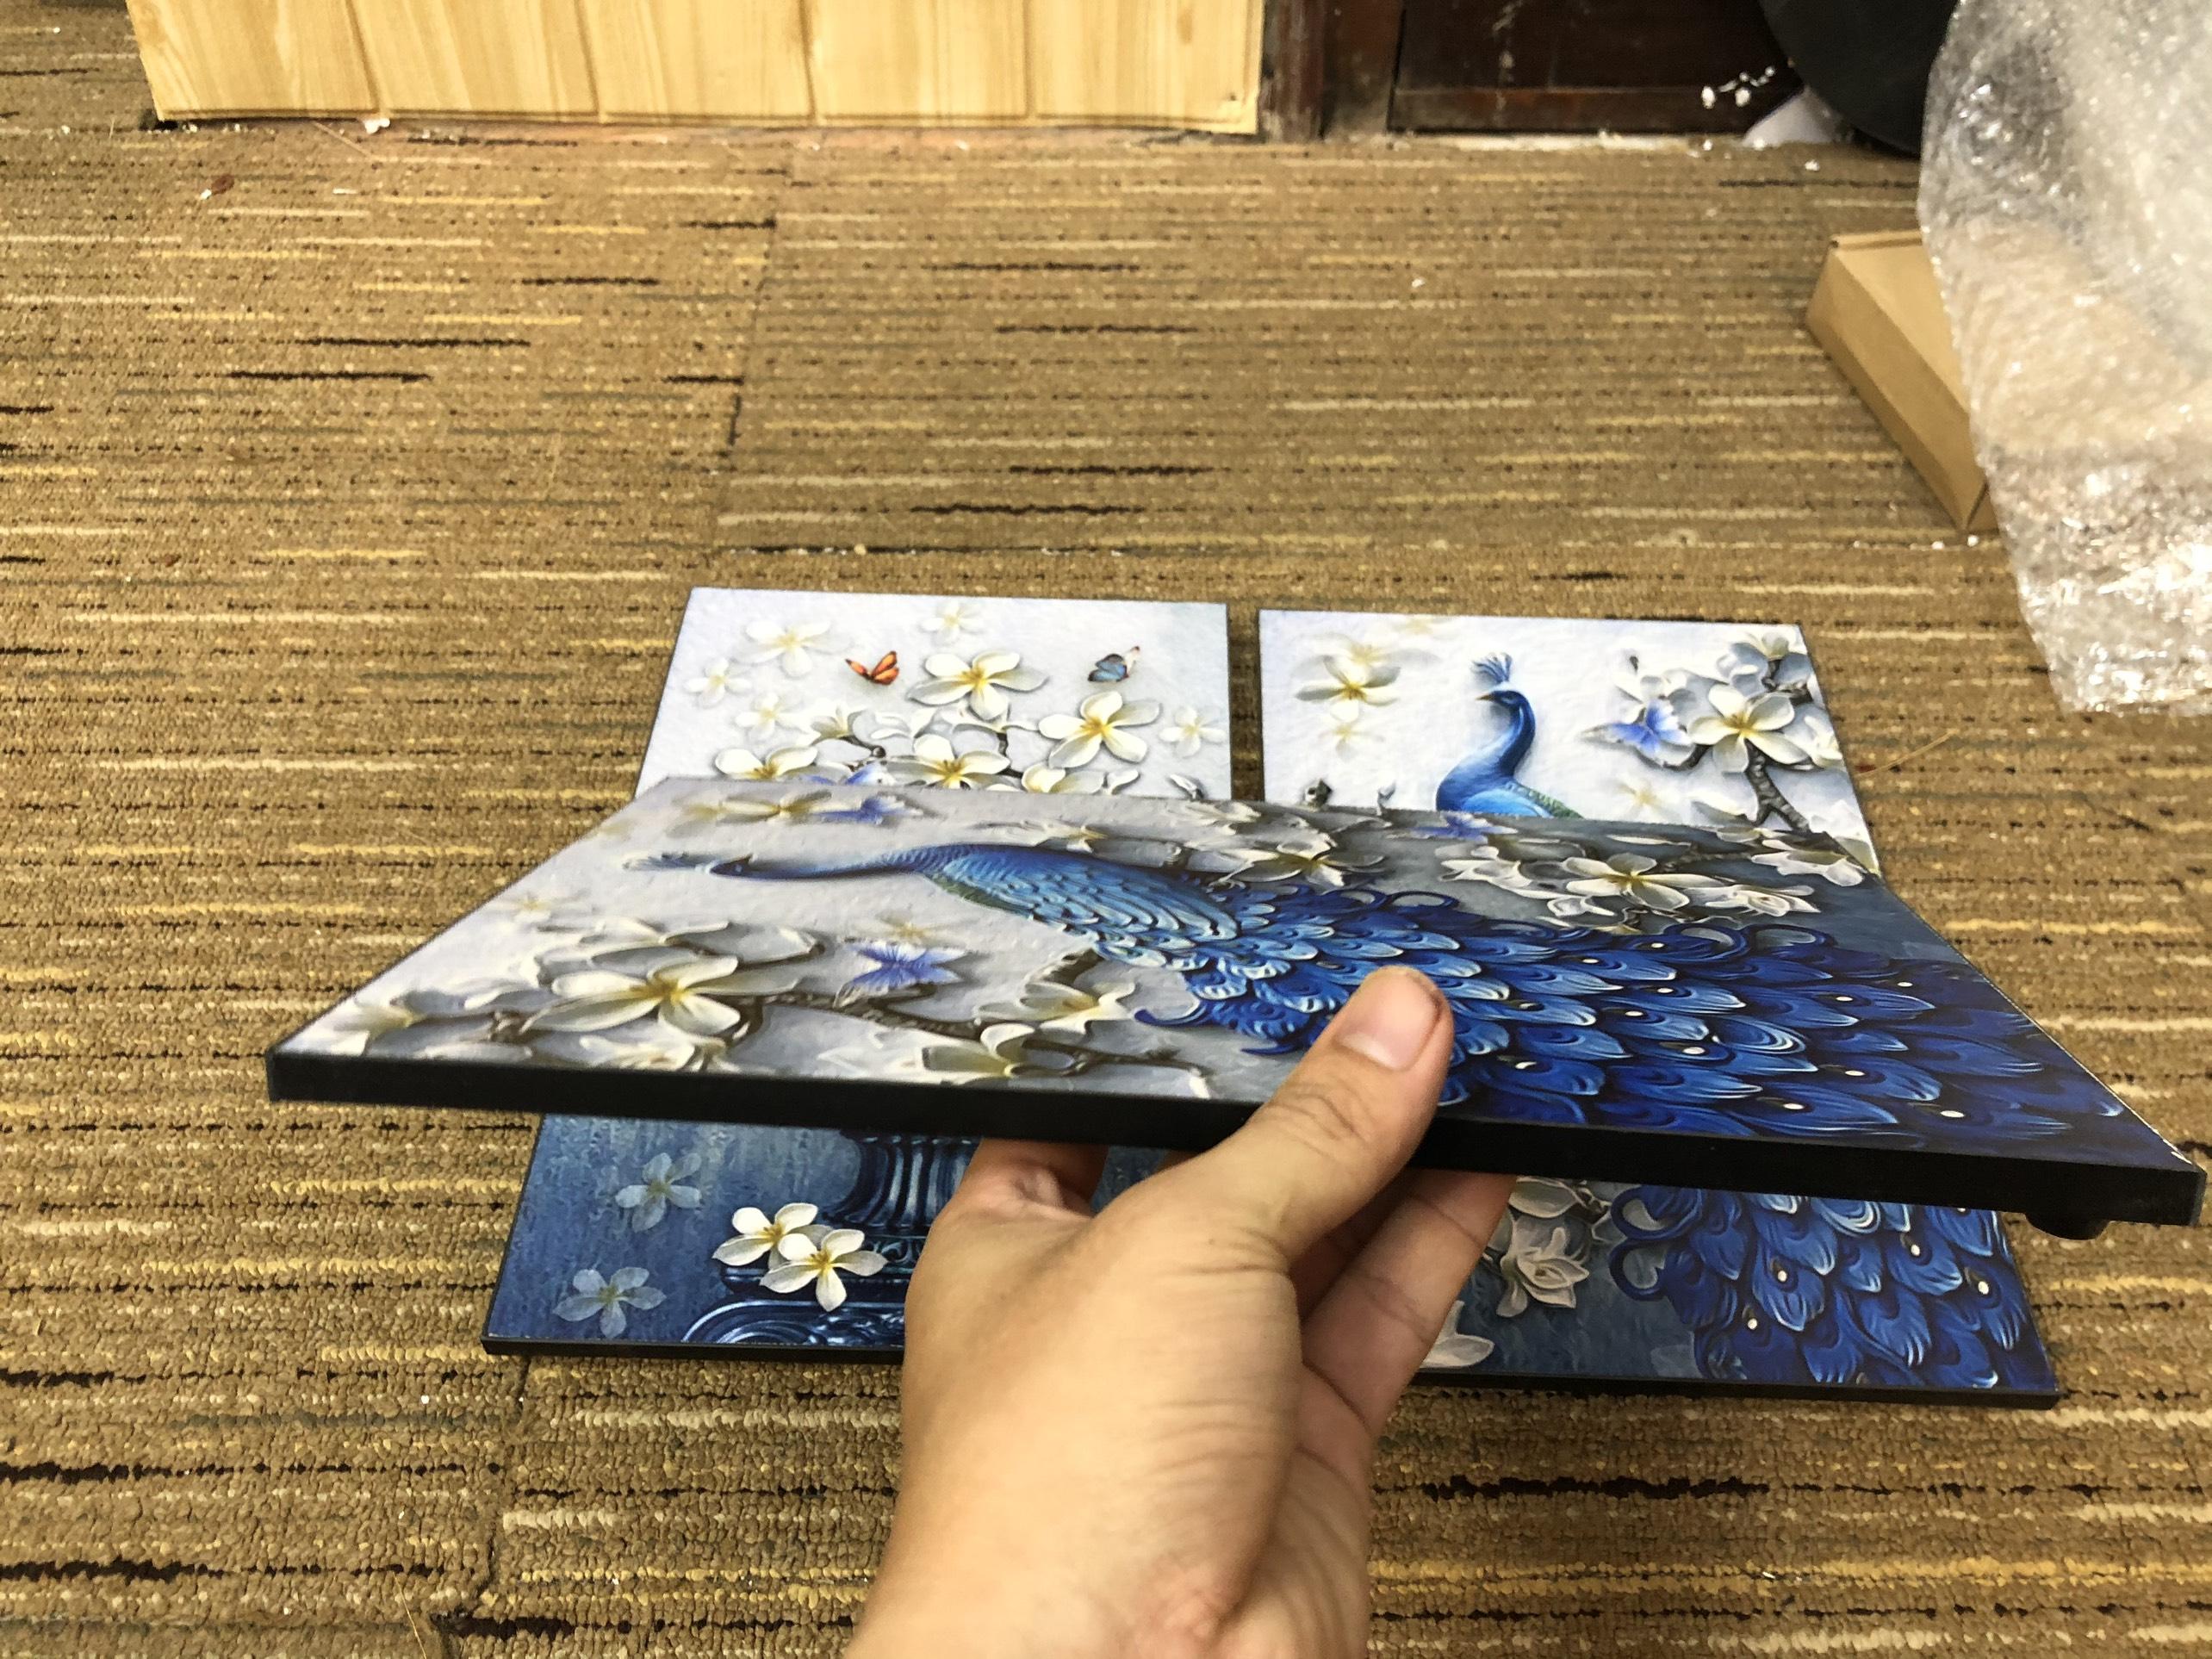 Tranh treo tường CAO CẤP 3 bức phong cách hiện đại MONSKY - Bắc Âu ND26A, In UV công nghệ Nhật Bản 3 lớp trực tiếp lên tấm FORMEX (Như tấm gỗ nguyên khối) kèm khung và đinh ghim móc treo, kích thước 20x30cm/bức